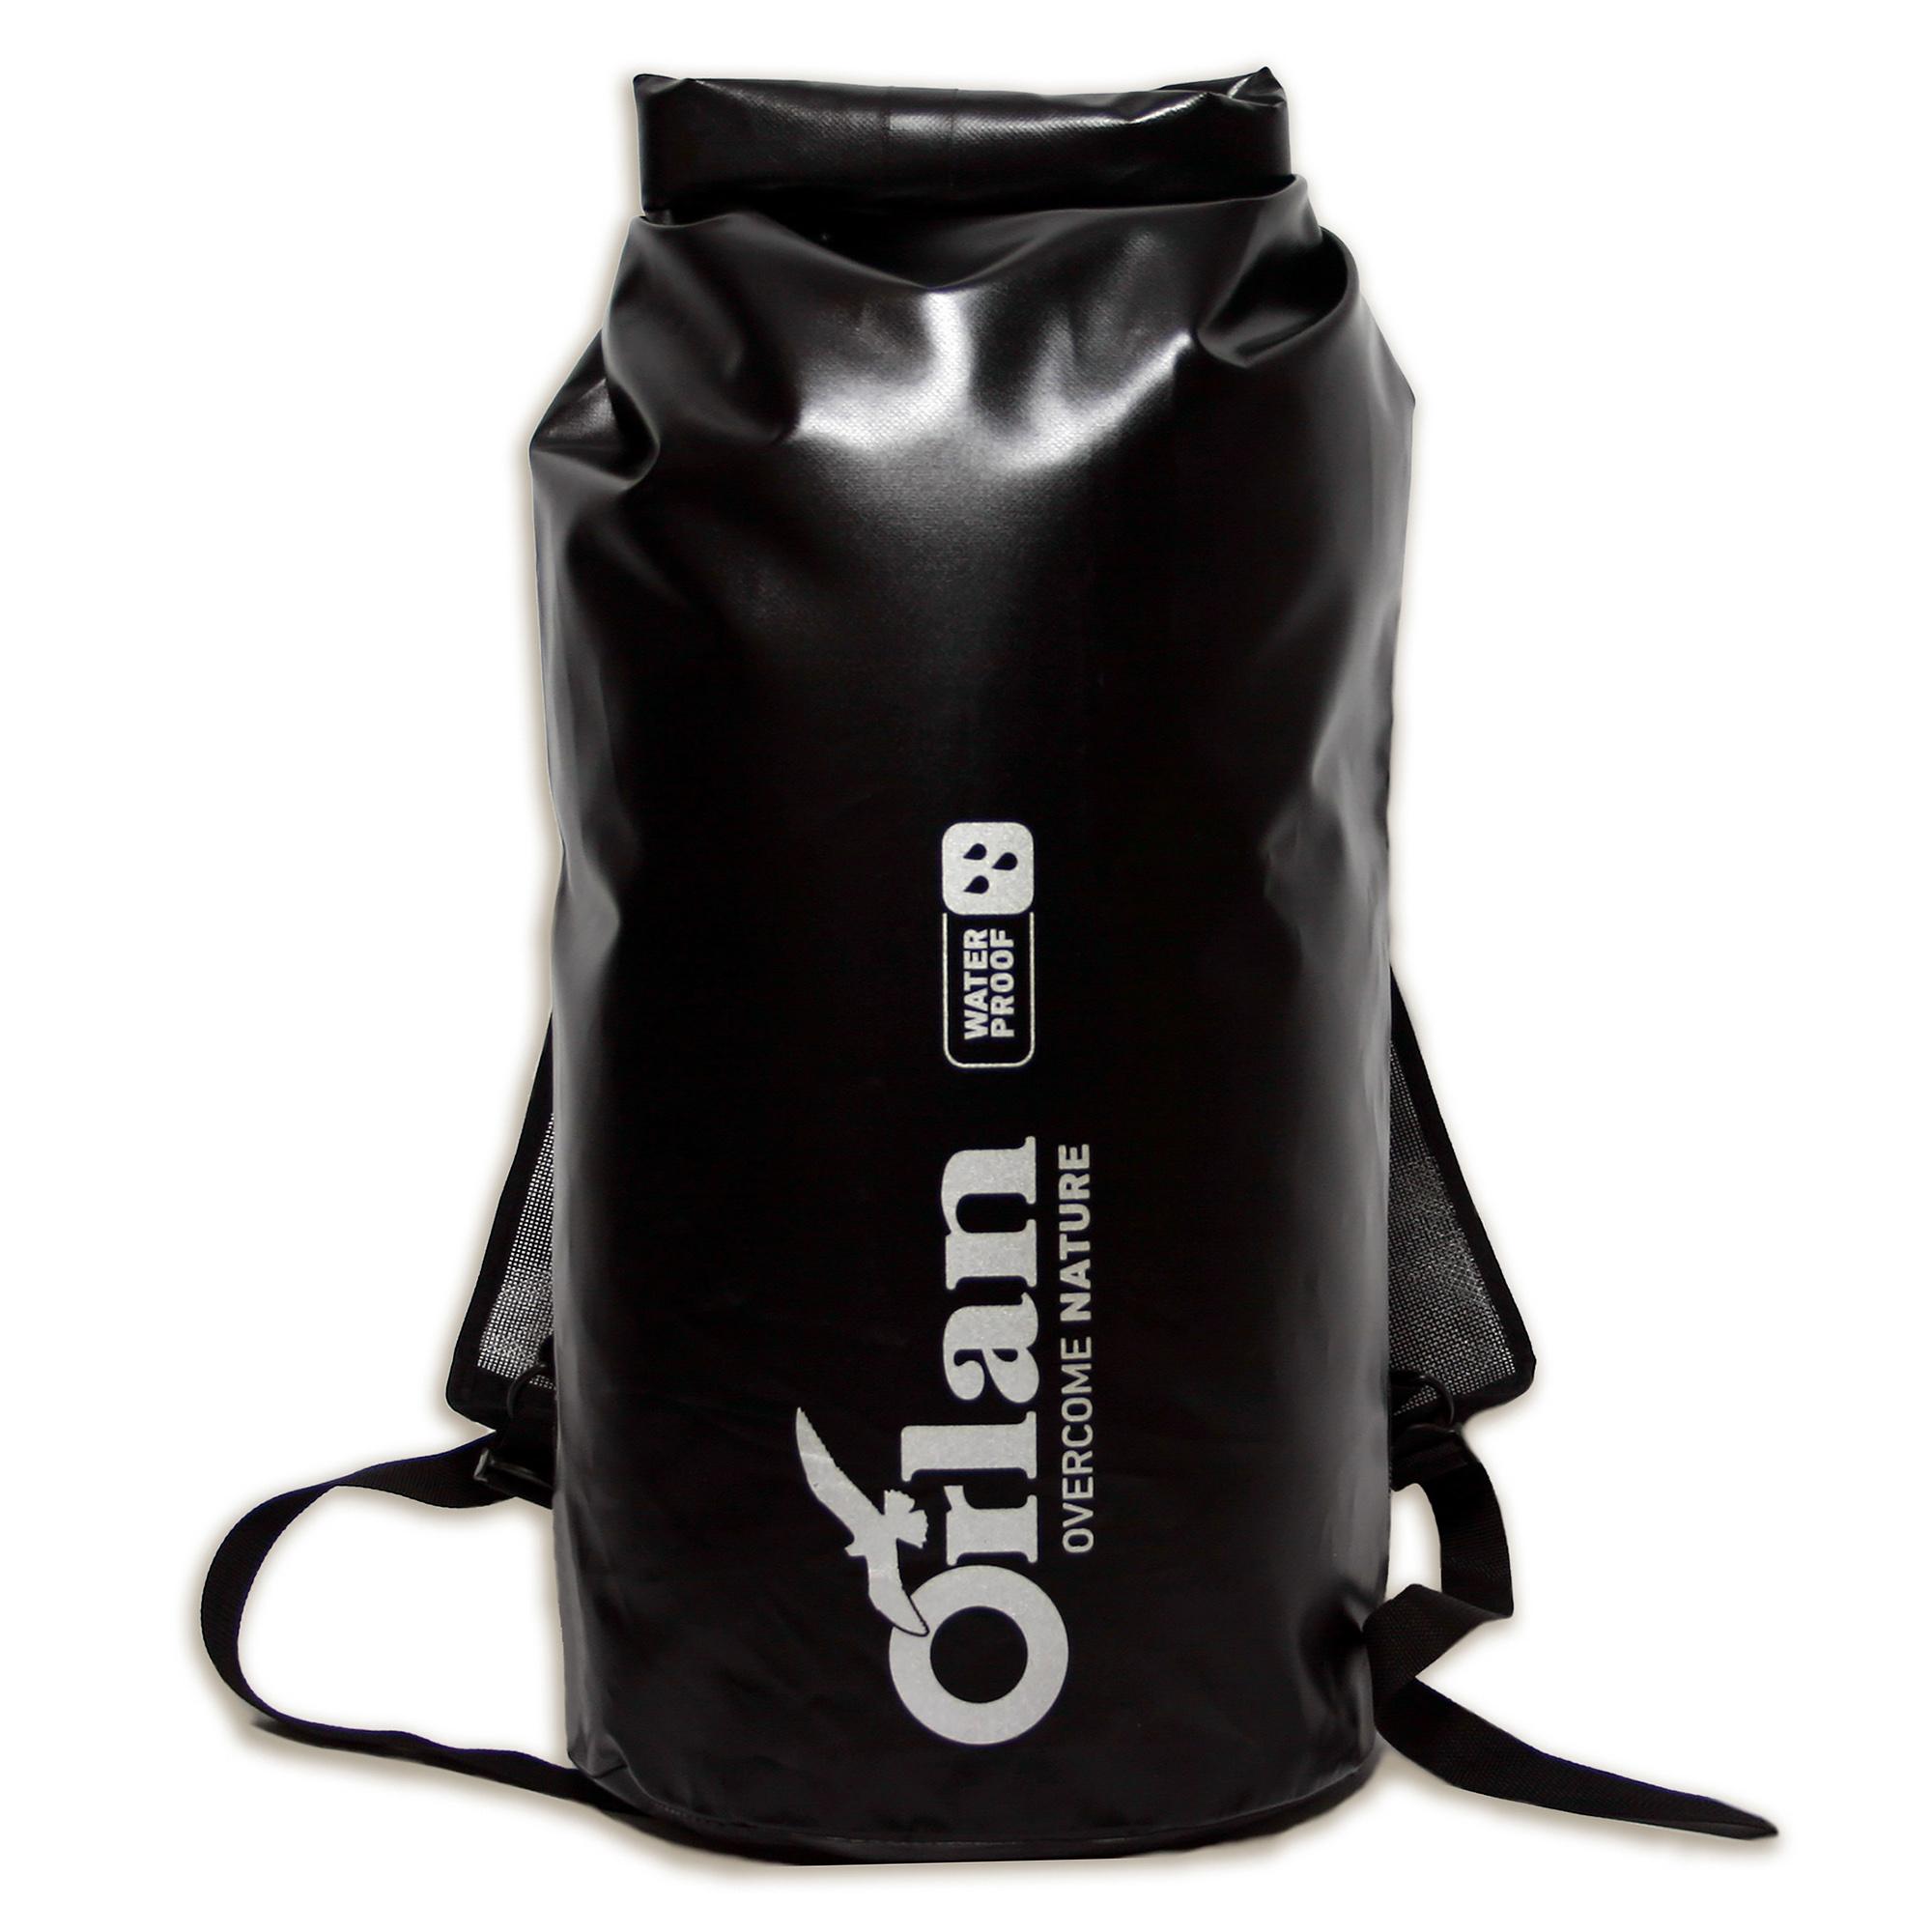 Гермомешок-рюкзак ORLAN DRY BAG Экстрим 130л, Влагозащитные и герморюкзаки - арт. 1120680282